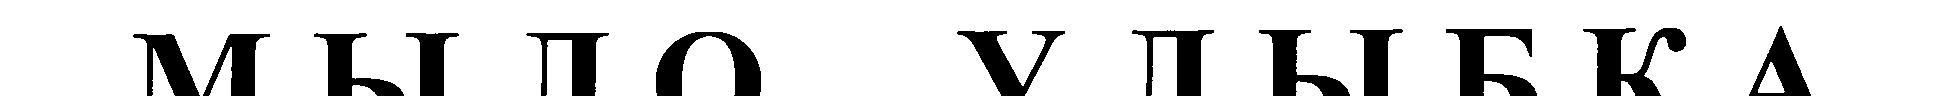 C:\Documents and Settings\Пользователь.USER9\Мои документы\Мои рисунки\Изображение\Изображение 124.jpg